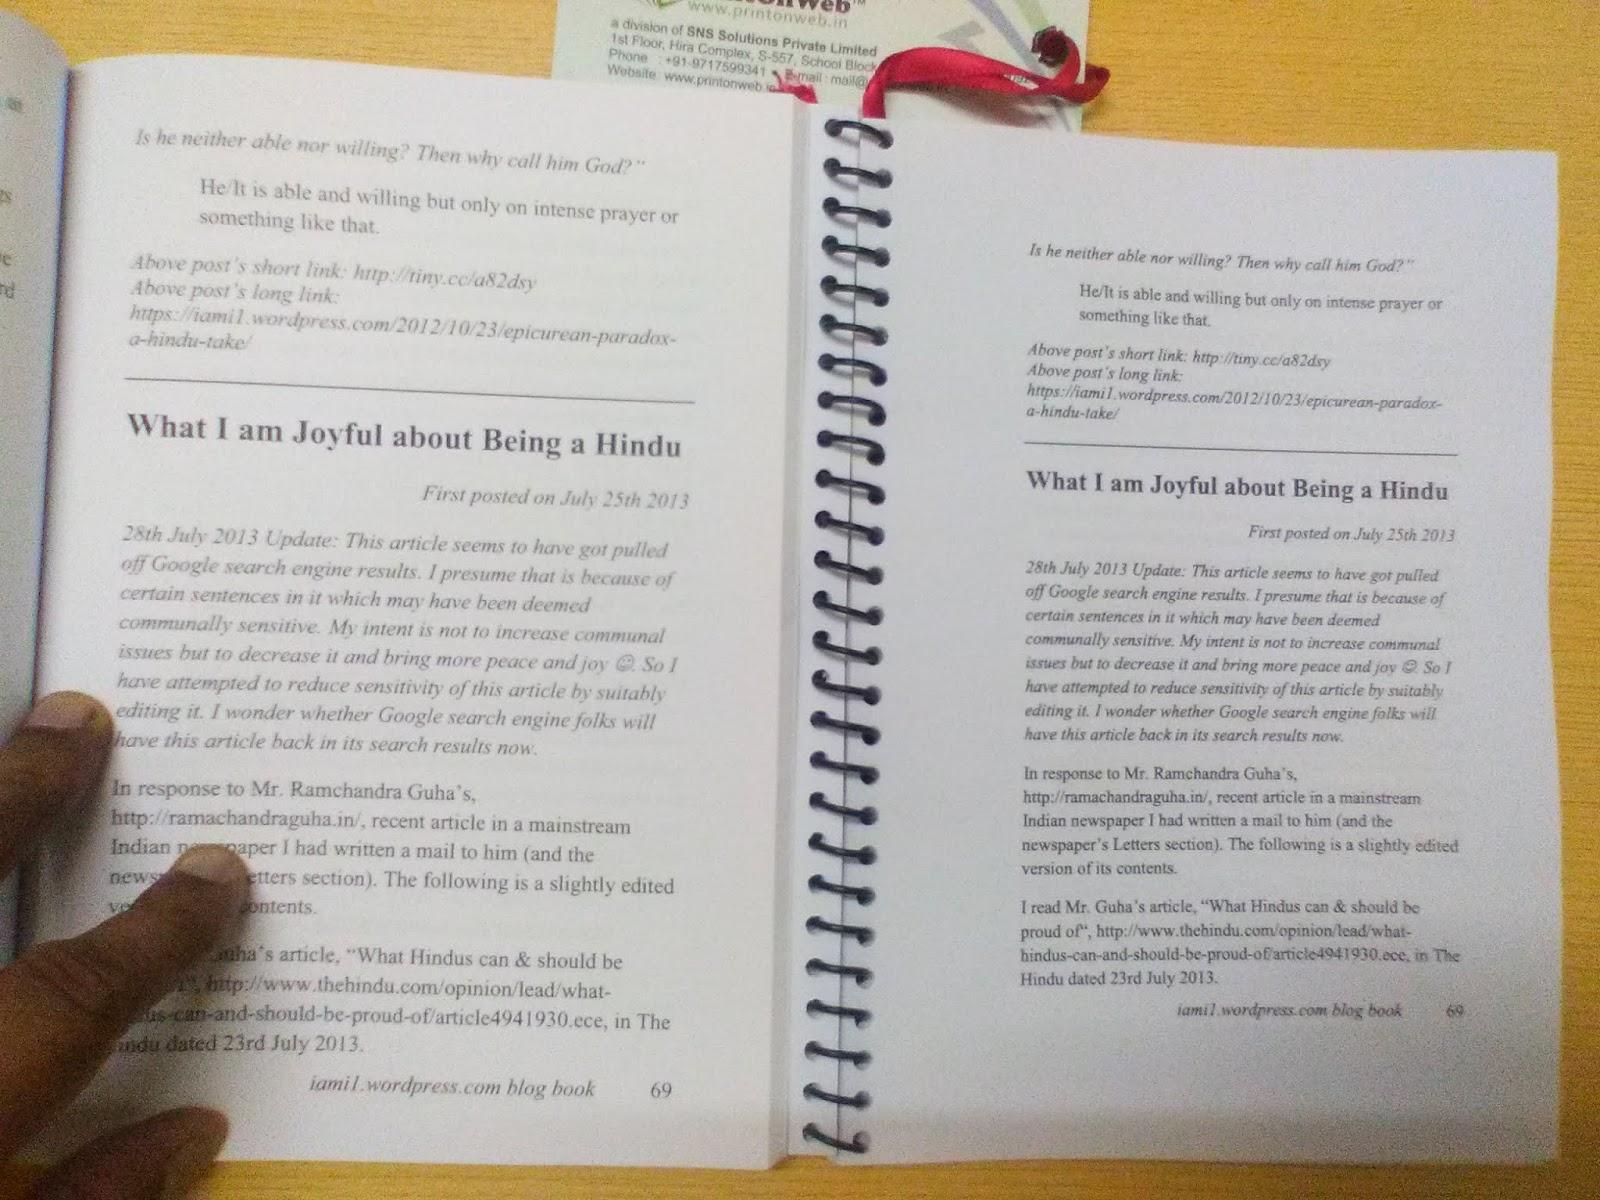 ravi s iyer spiritual 108 zoomed pdf file of iami1 blog book